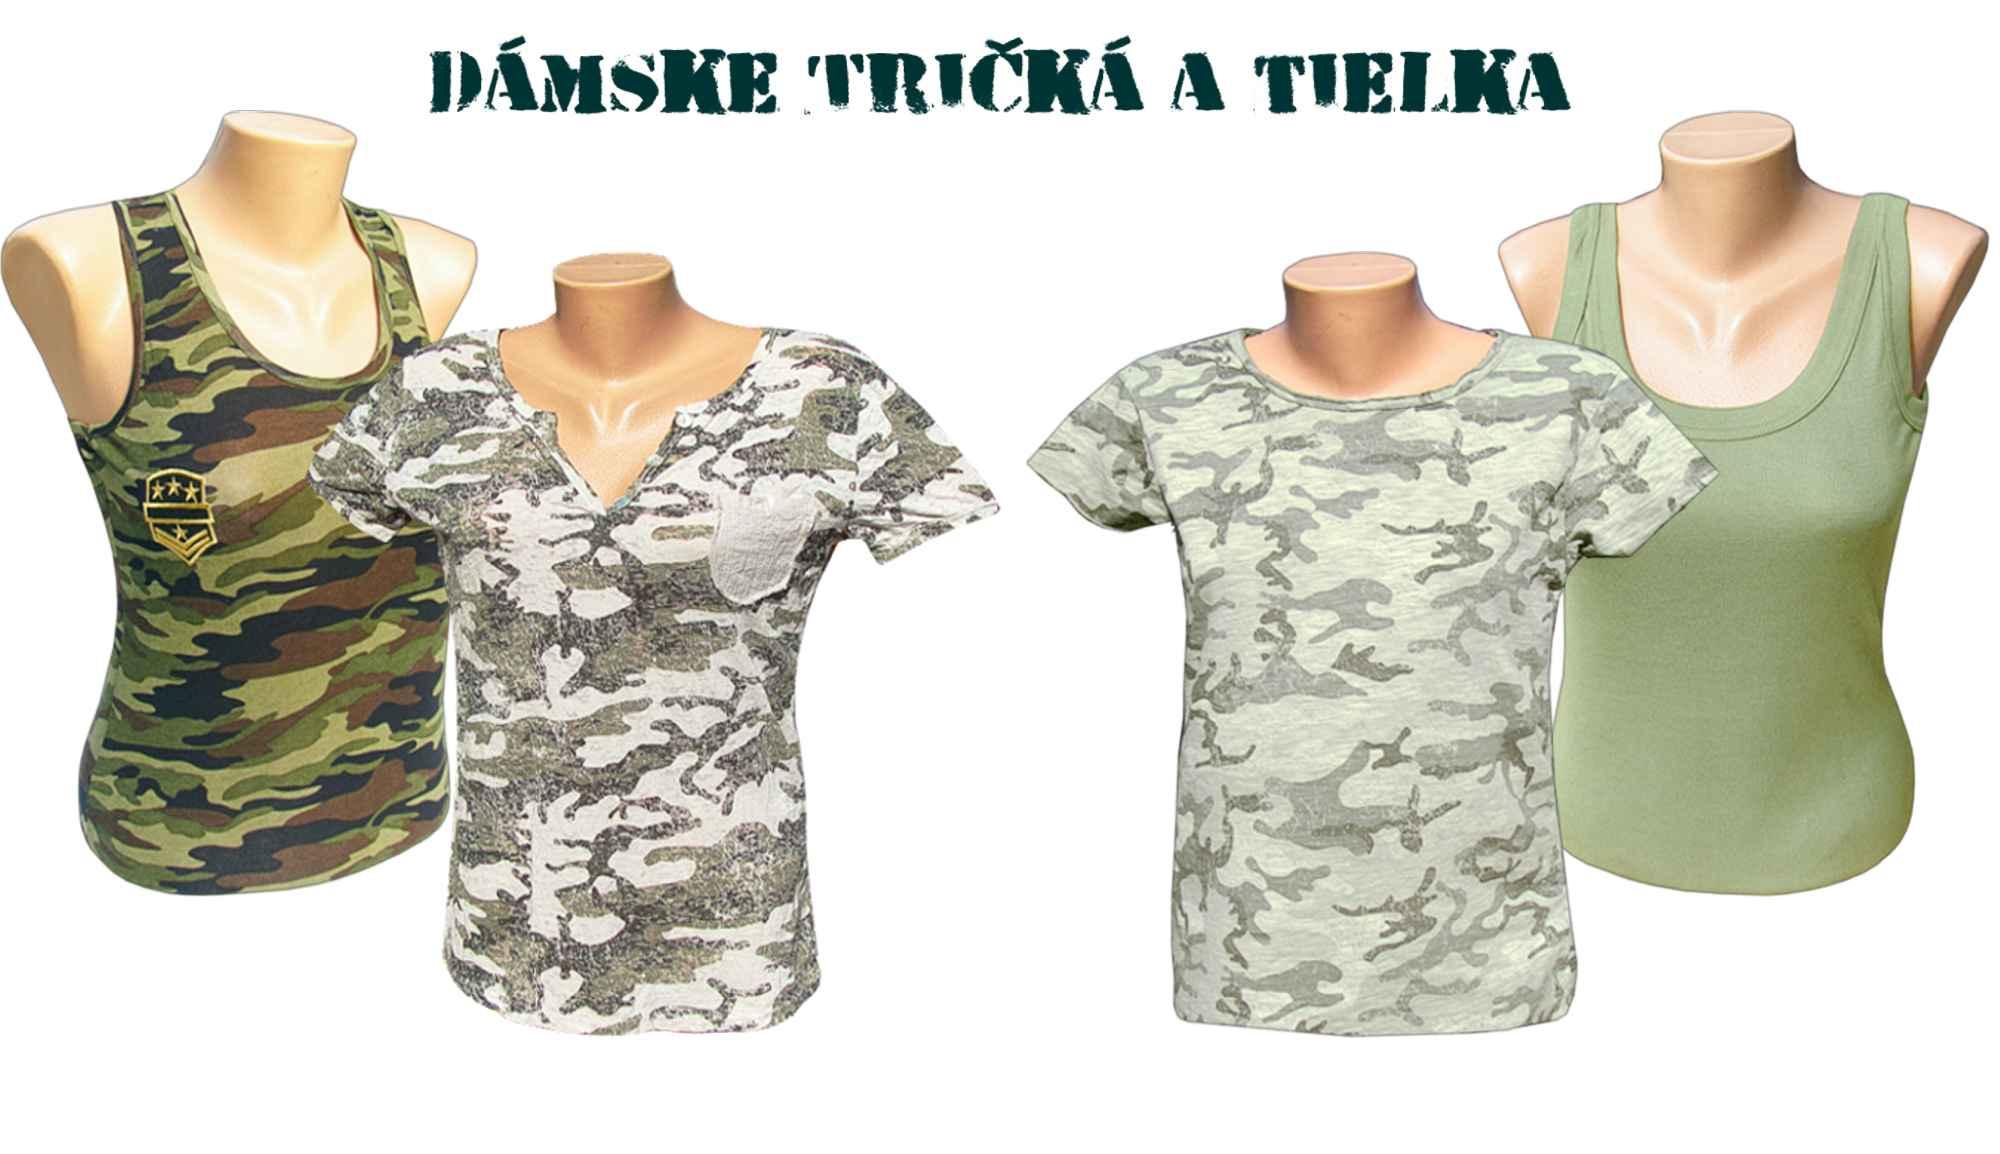 0fc97a22442a Dámske tričká a tielka - darček pre ženu TifanTEX